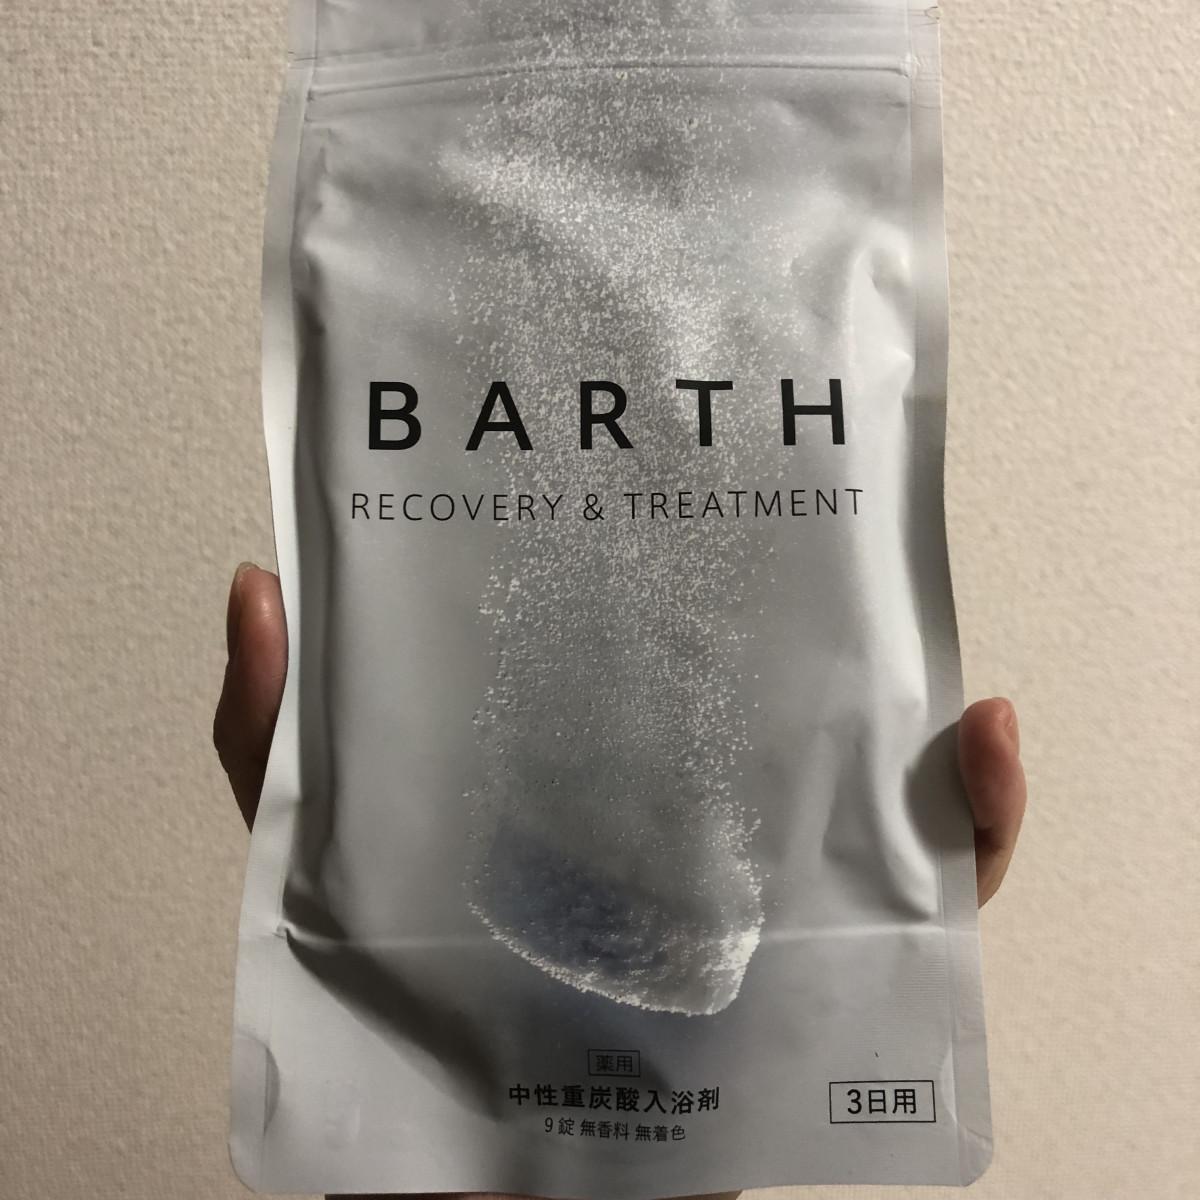 【入浴剤】BARTH(バース)で疲れた身体もスッキリ!